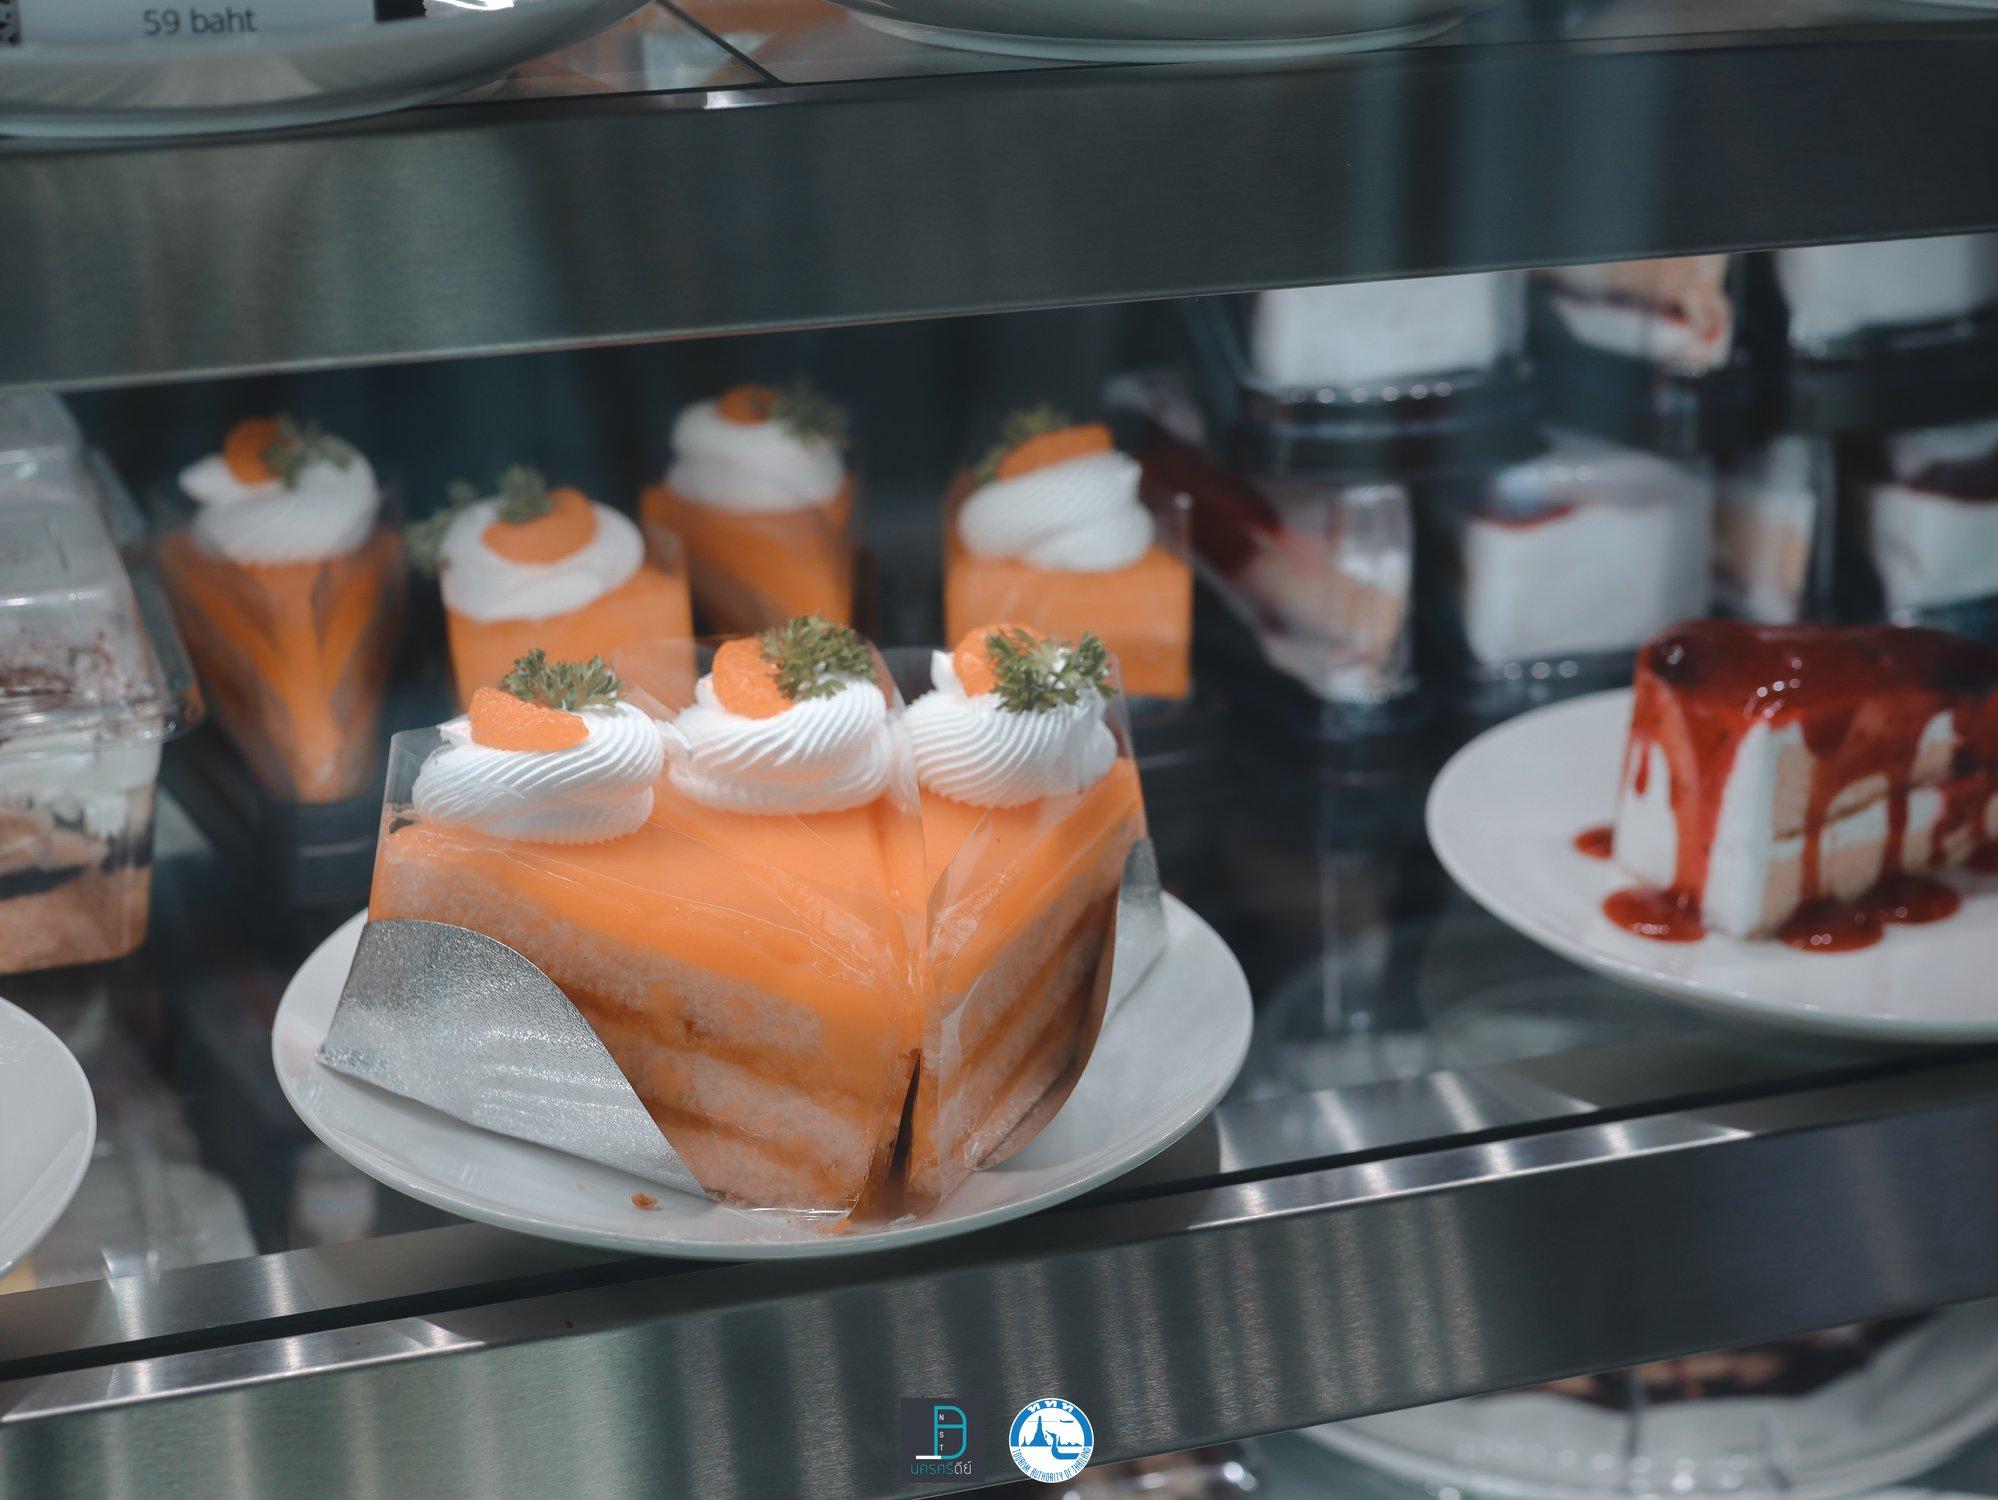 เค้กจัดเต็มมมคาเฟ่,สตูล,เด็ด,จุดเช็คอิน,อร่อย,ร้านอาหาร,จุดถ่ายรูป,สถานที่ท่องเที่ยว